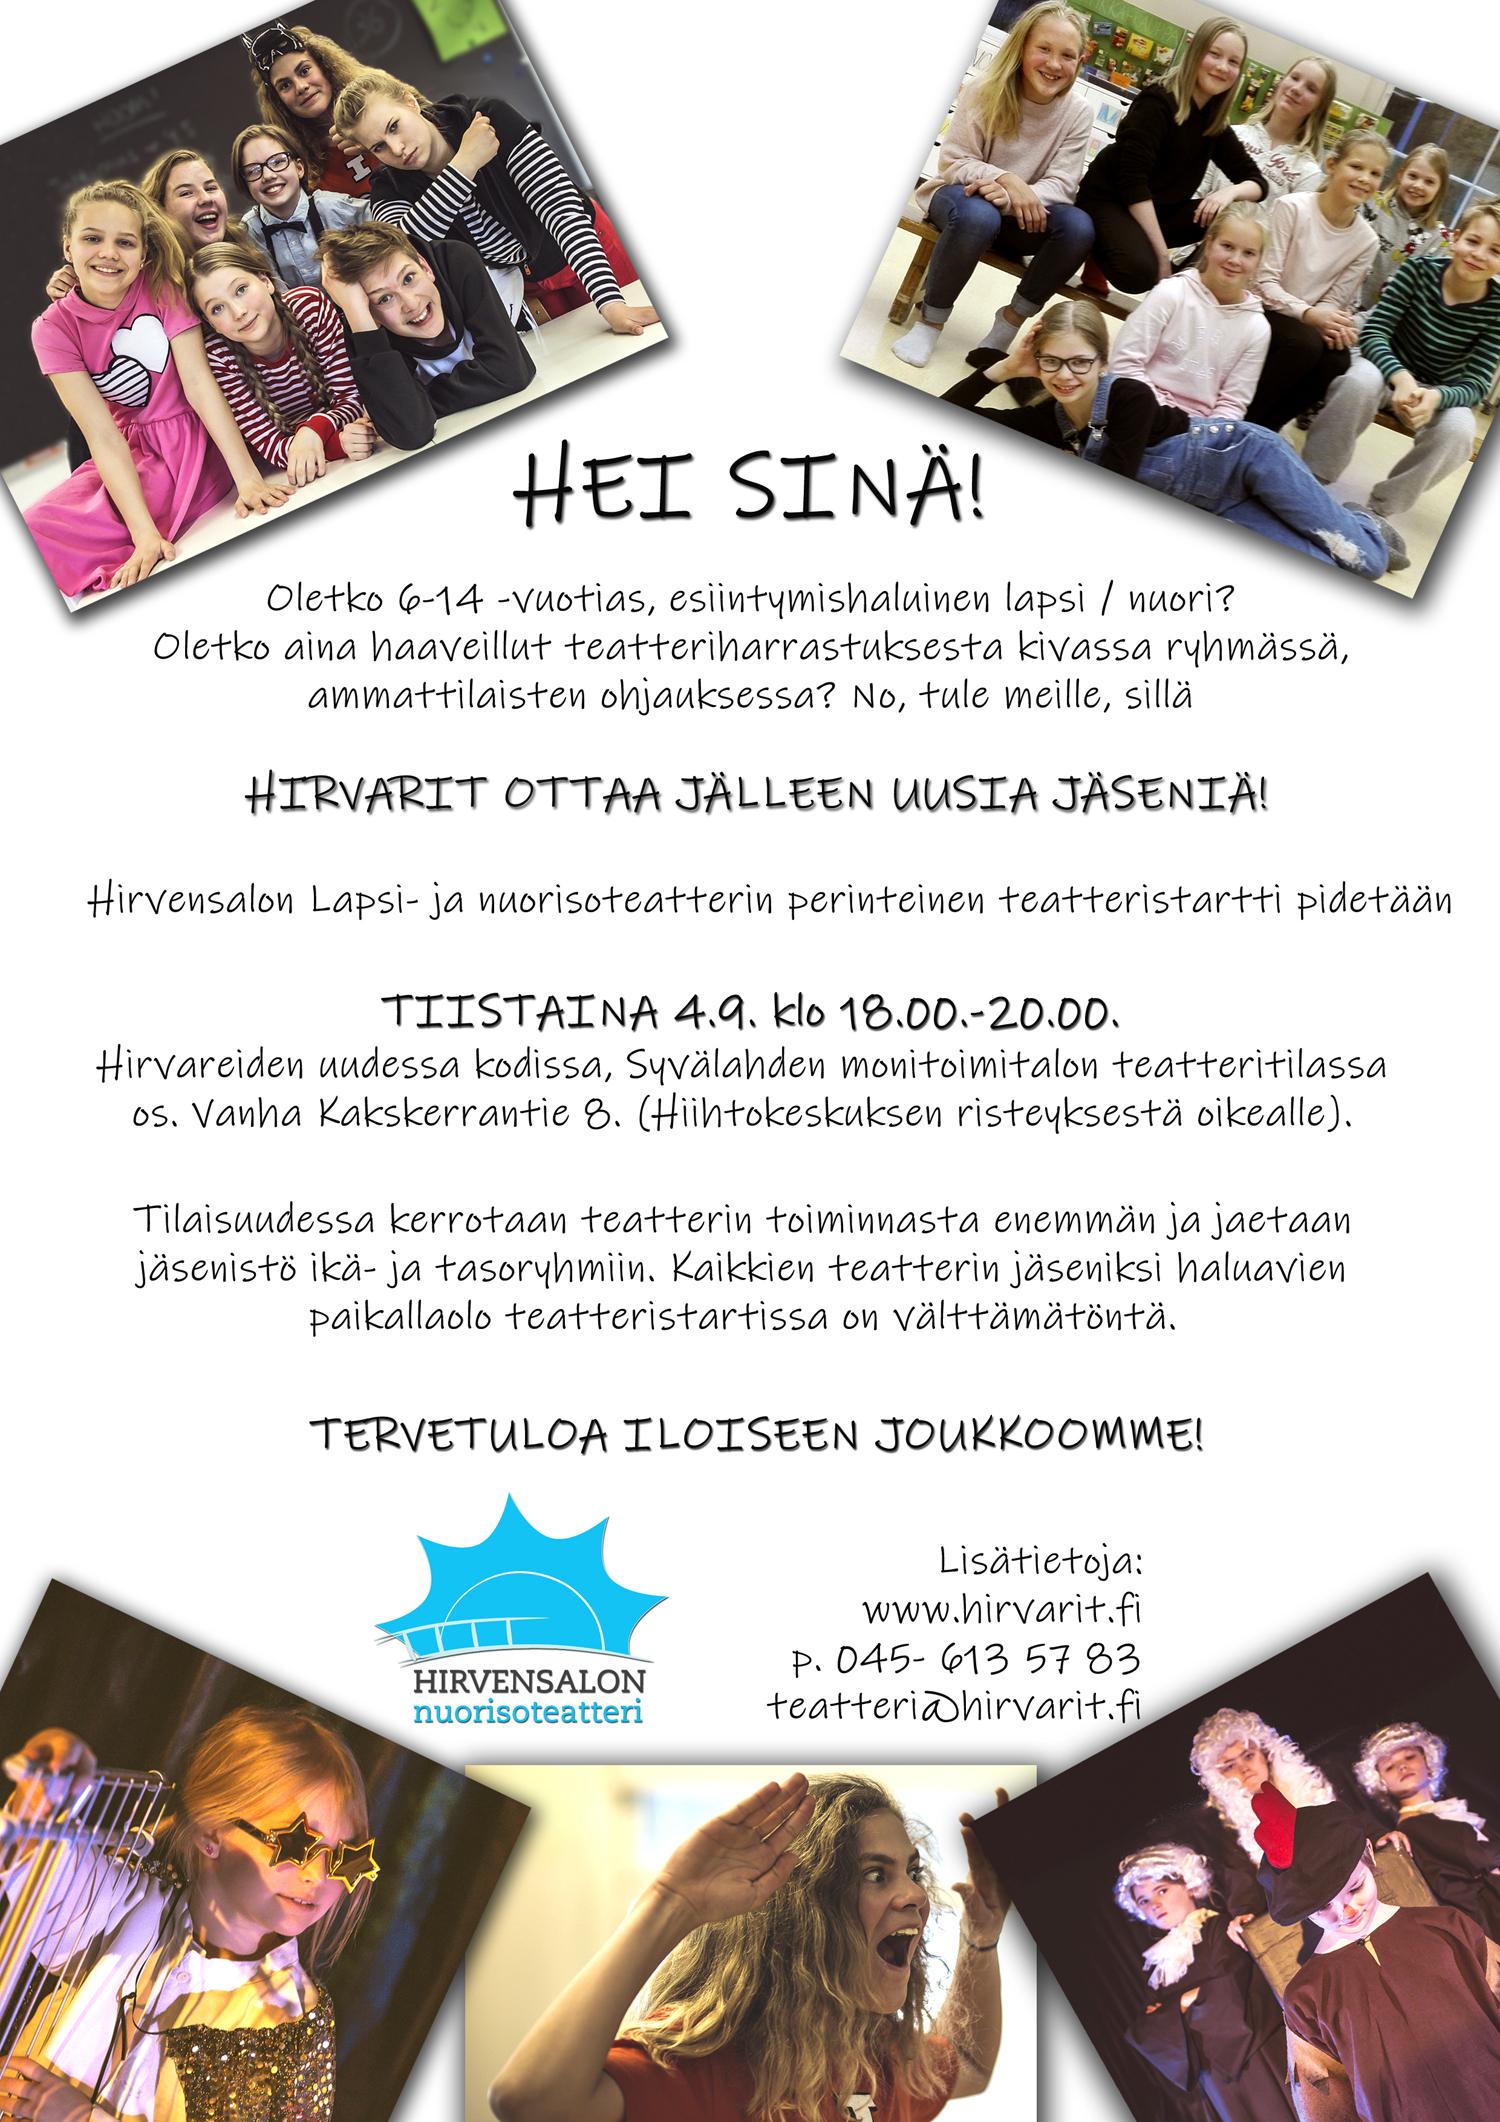 HIRVARIT, Syksy 2018, Ilmoitus toiminnan alkamisesta